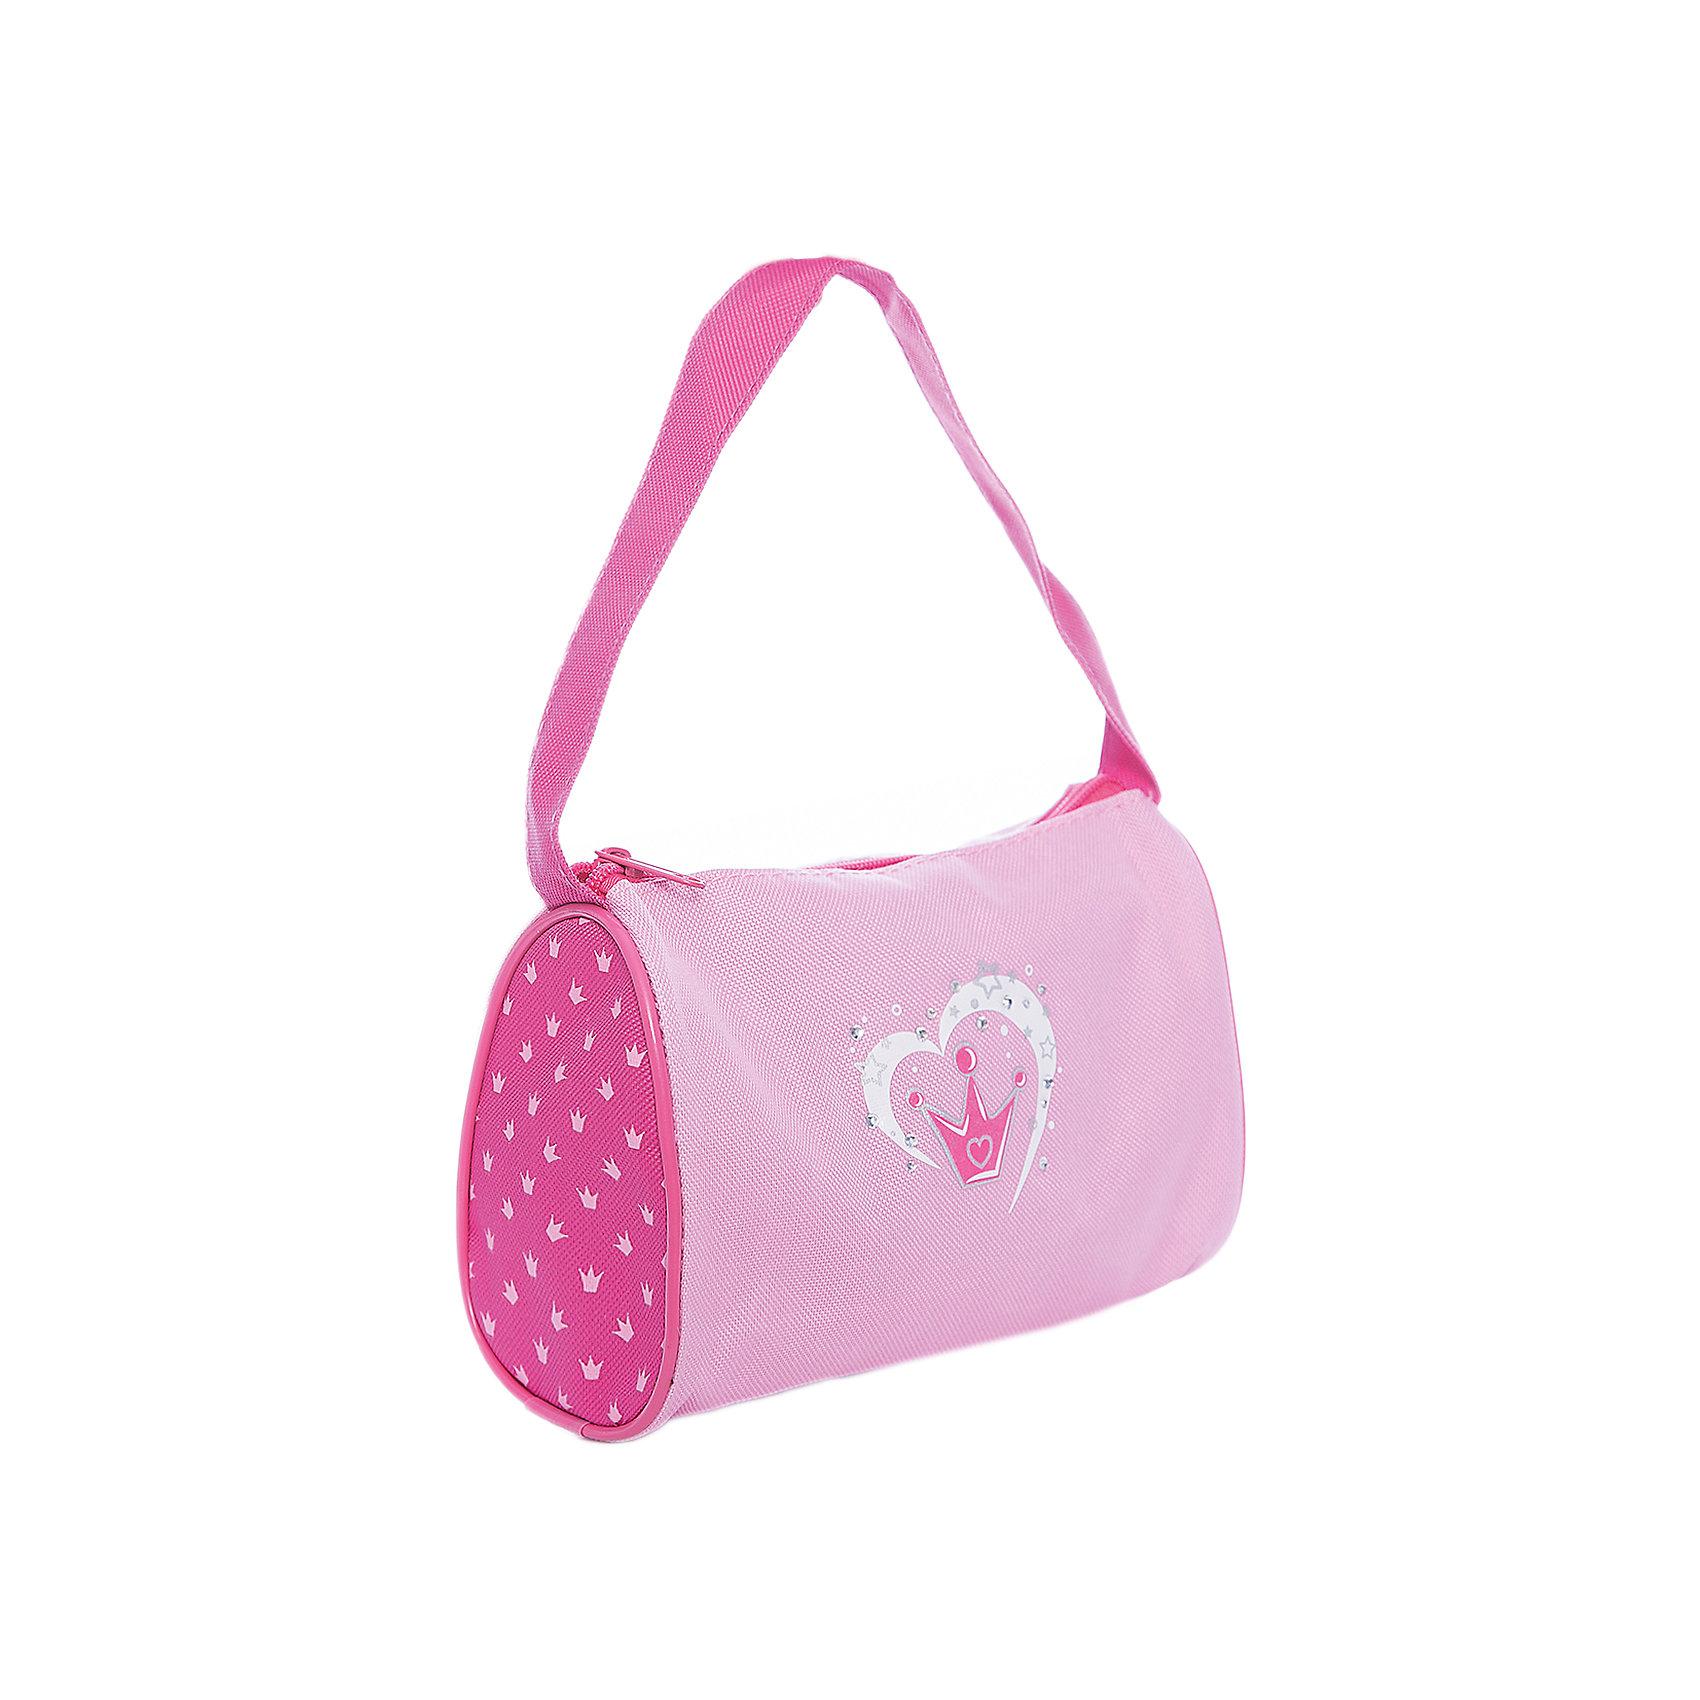 Сумочка Корона на длинной ручке 20*25 см.Детские сумки<br>Этот красивый и женственный аксессуар представляет собой детскую сумочку на плечо от российского производителя Mary Poppins, сумочка называется Корона благодаря симпатичному изображению короны на своей поверхности. Дизайн сумочки детально проработан, у нее есть удлиненная ручка, которая позволяет с удобством носить этот аксессуар на плече.<br><br>Ширина мм: 200<br>Глубина мм: 250<br>Высота мм: 1000<br>Вес г: 75<br>Возраст от месяцев: 36<br>Возраст до месяцев: 2147483647<br>Пол: Женский<br>Возраст: Детский<br>SKU: 5508563